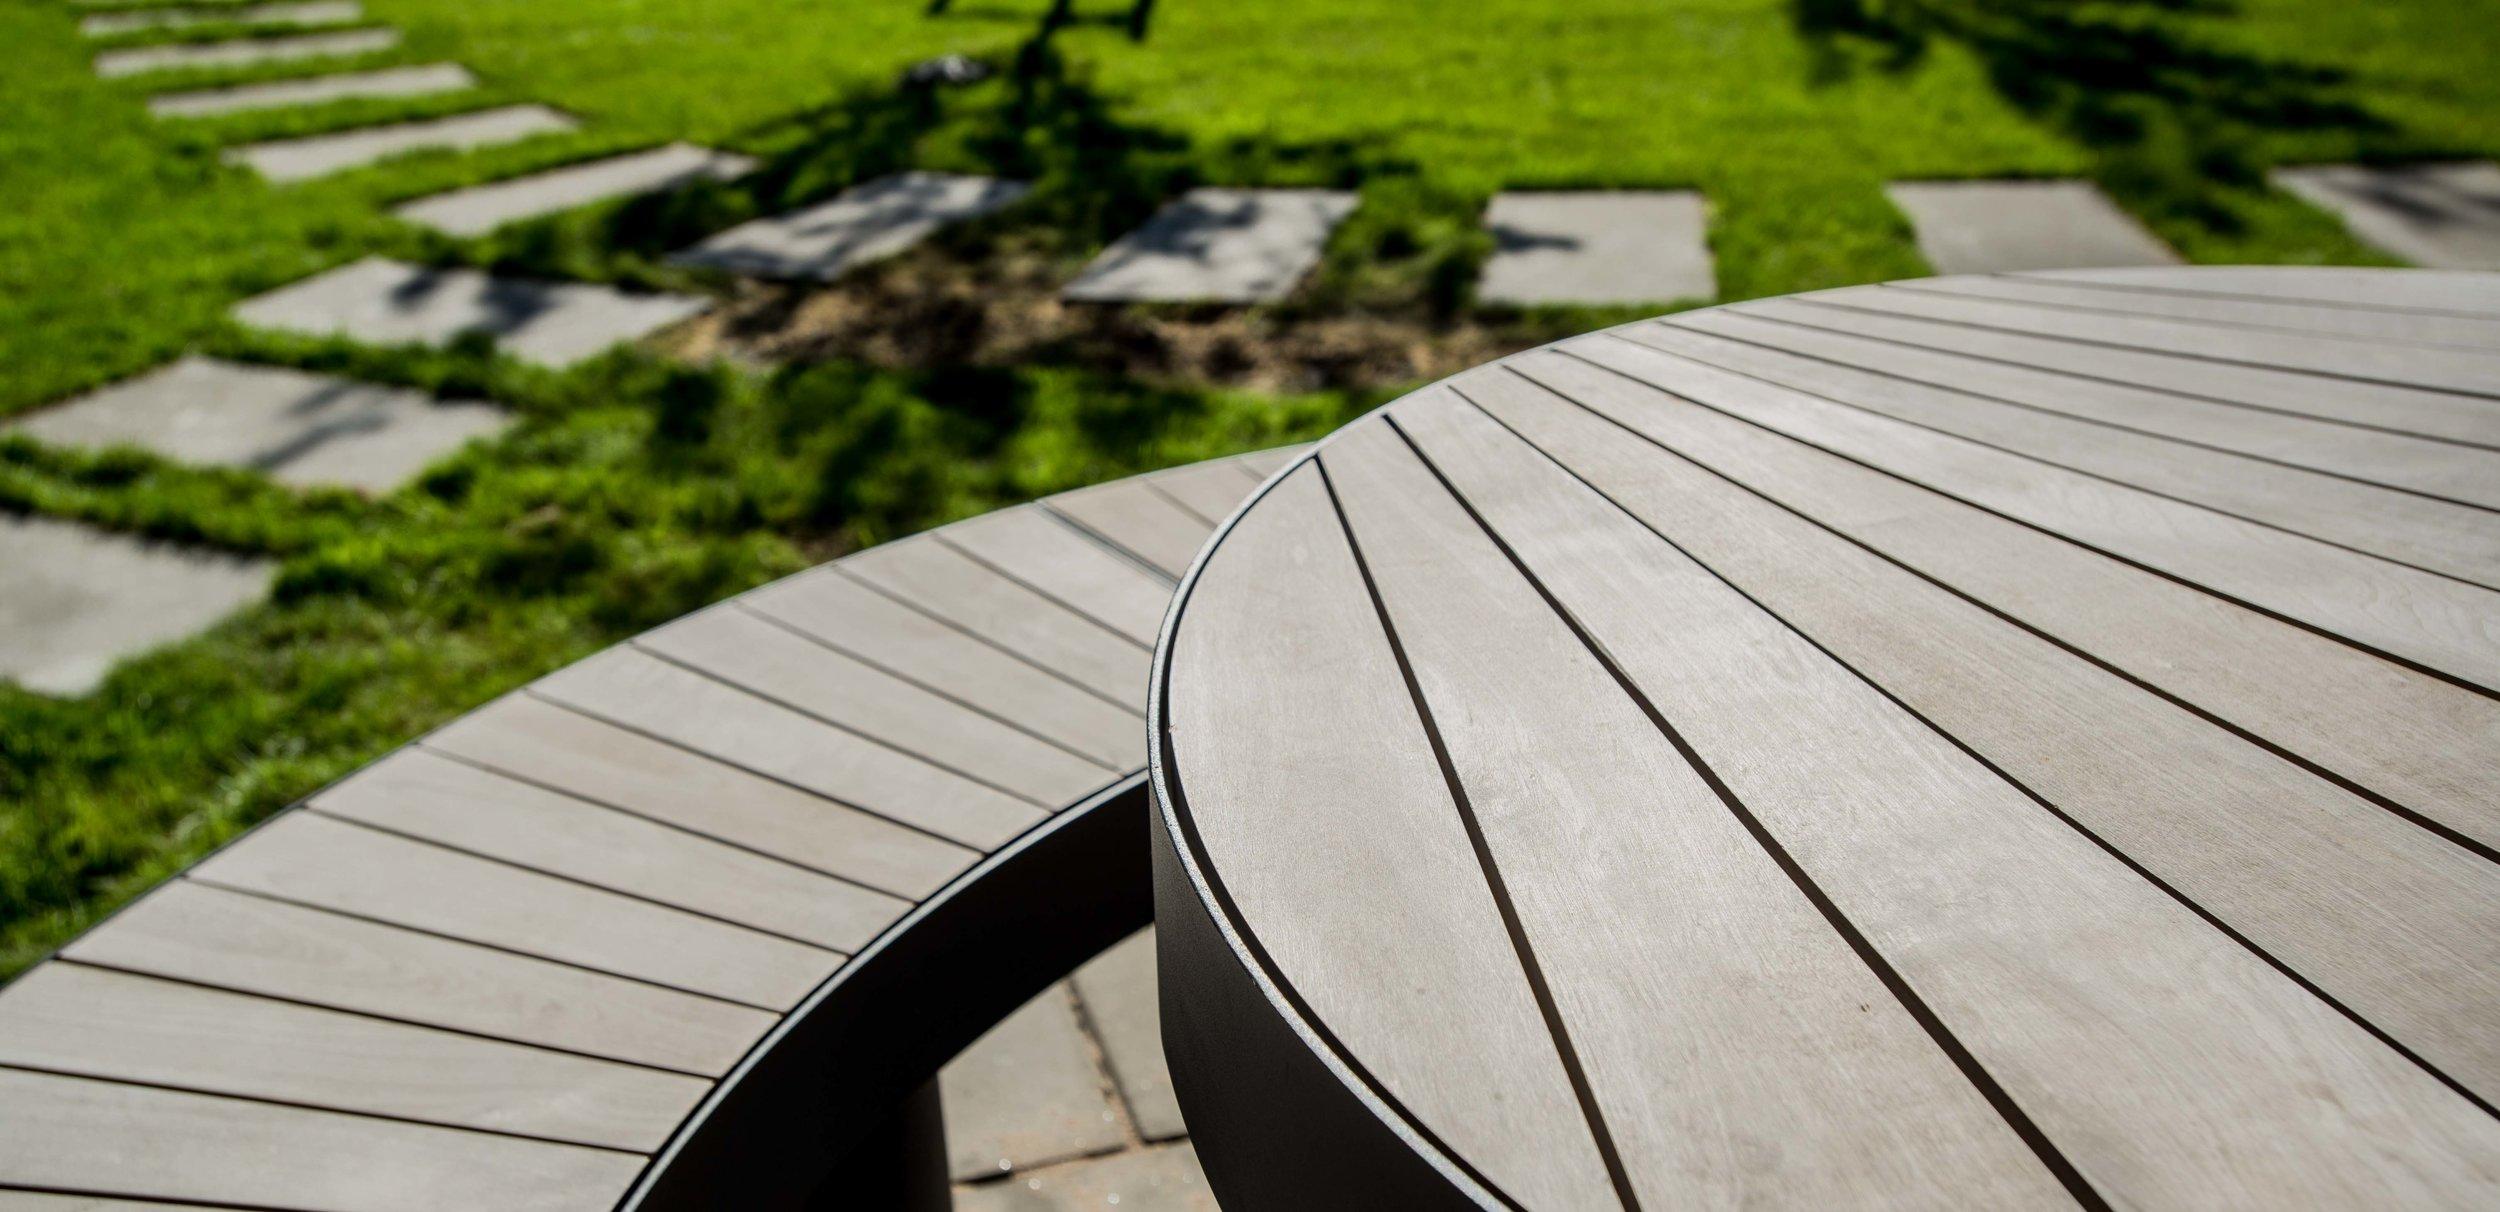 bord och bänk offentlig miljö